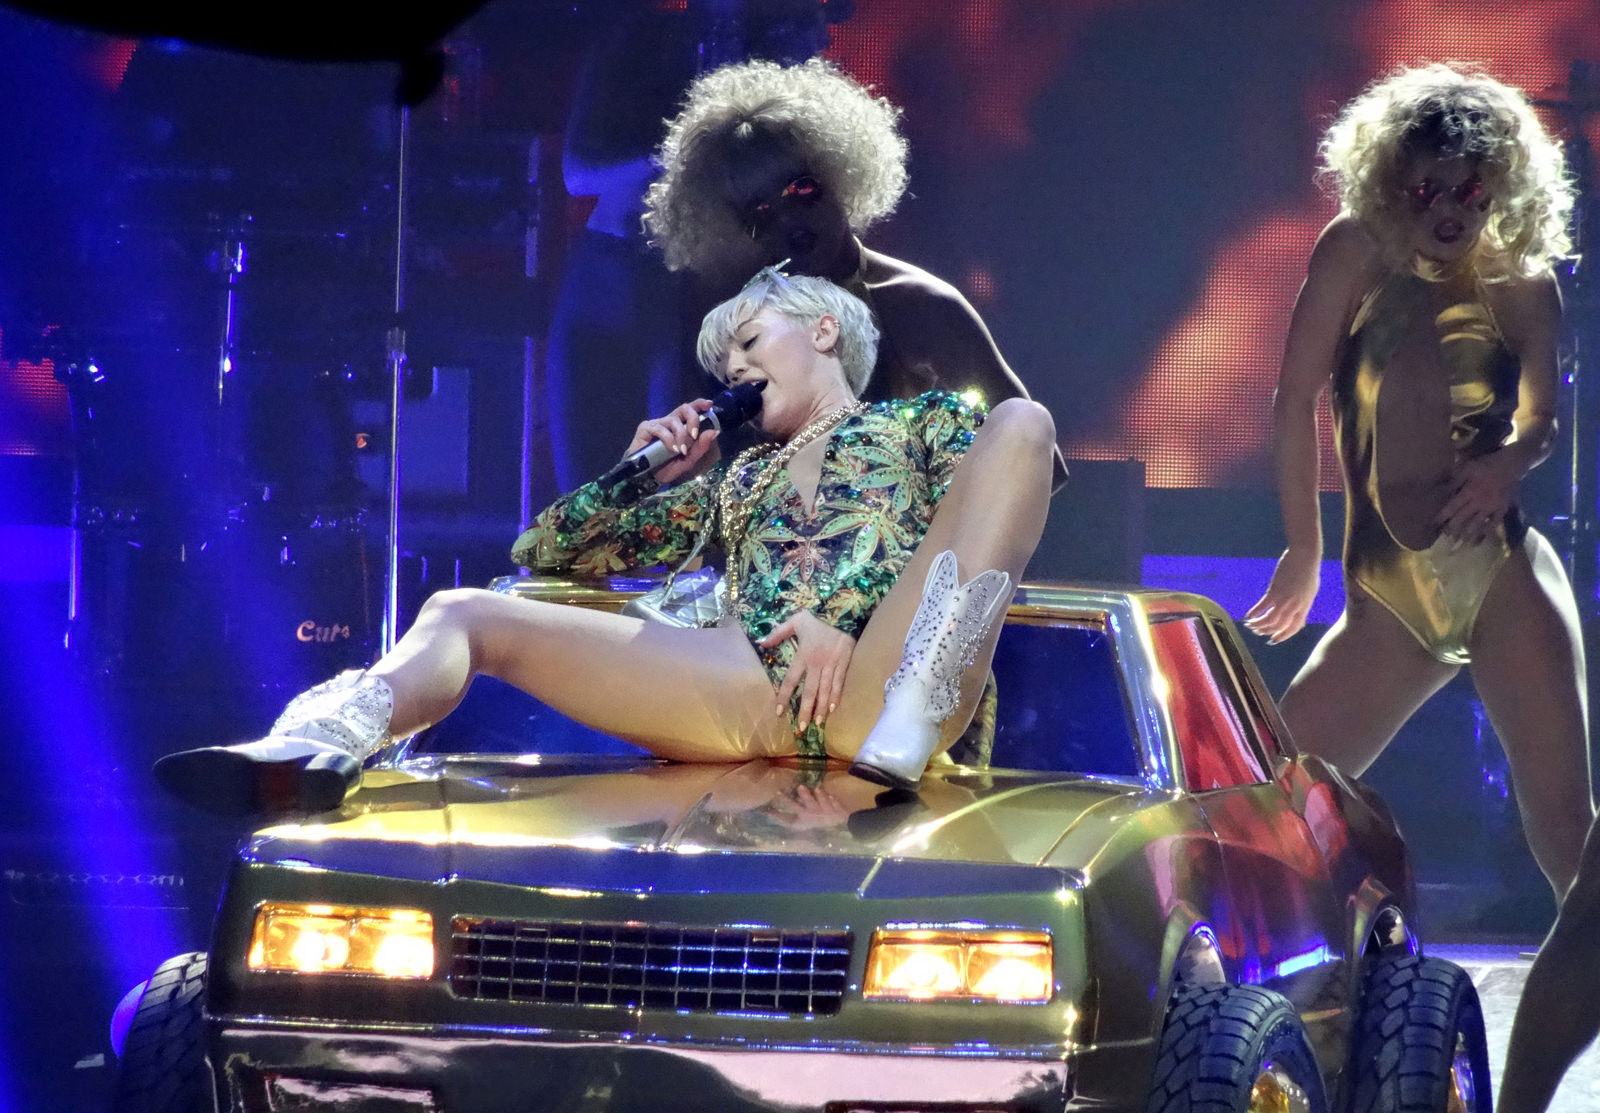 Miley Cyrus Photo Gallery